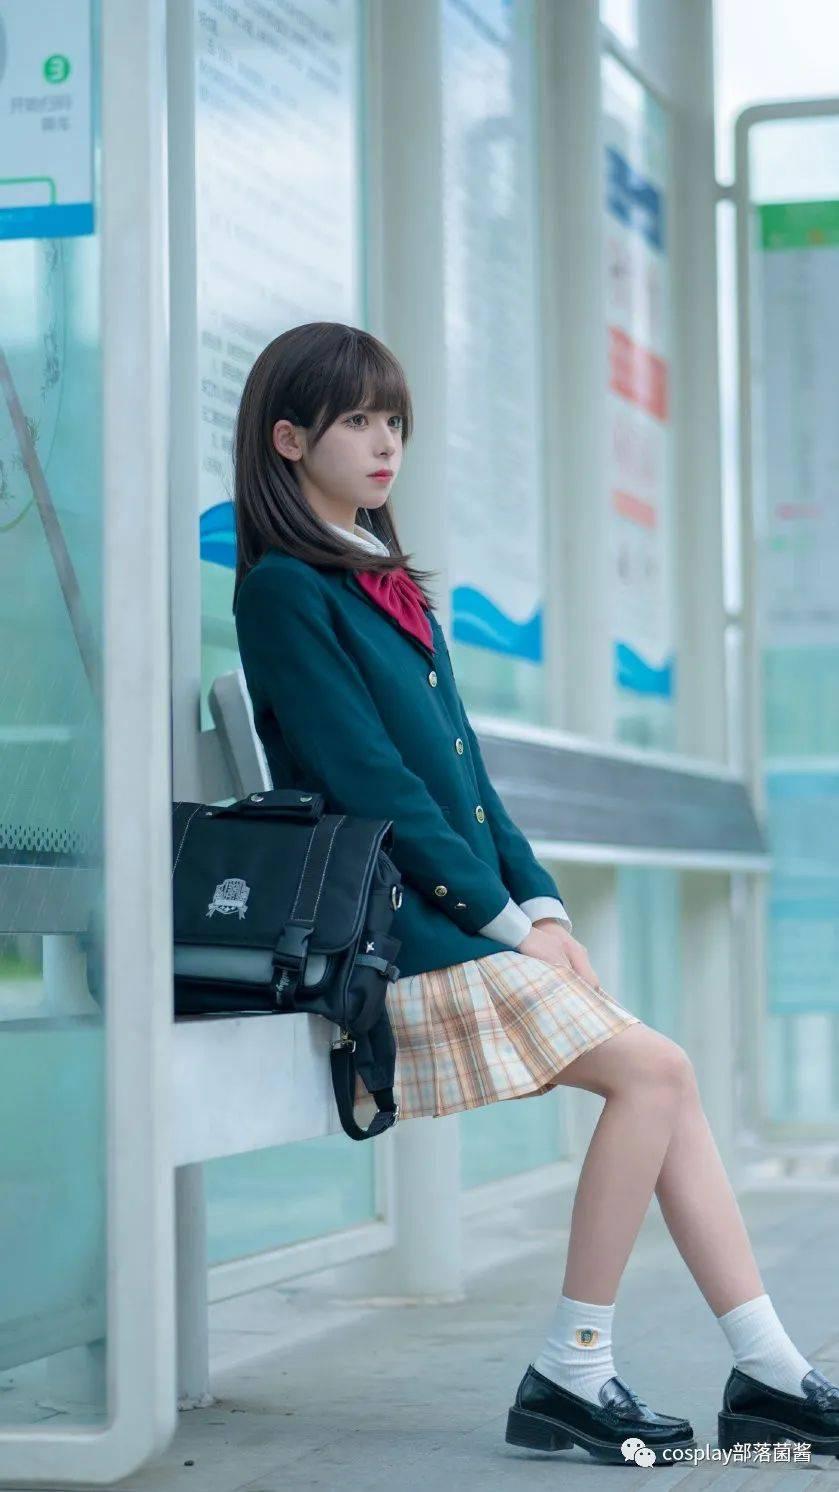 JK少女:车站上那个姑娘